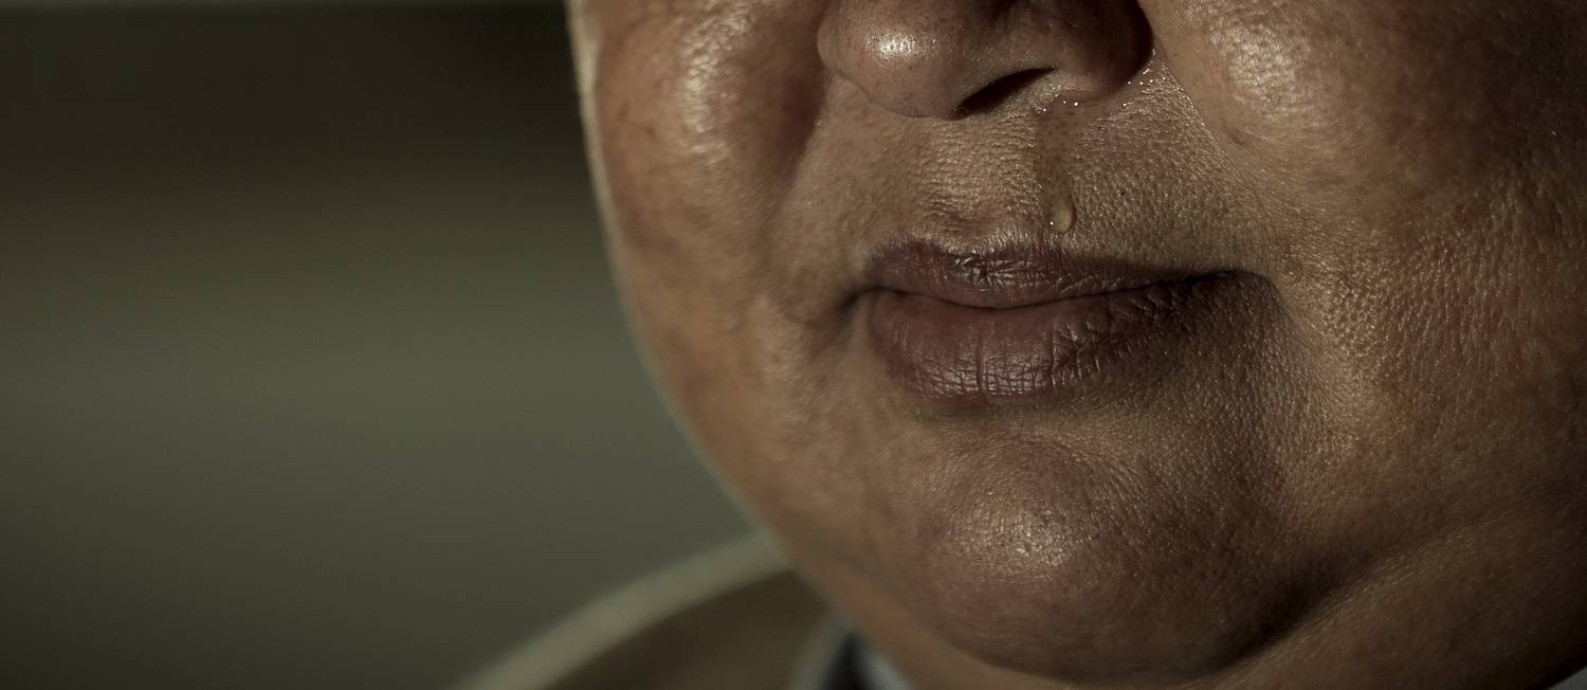 Guerreira, X. chora ao lembrar do filho assassinado: ela lidera um grupo de mães da Baixada que lutam por justiça e tentam localizar desaparecidos Foto: Roberto Moreyra / Agência O GLOBO